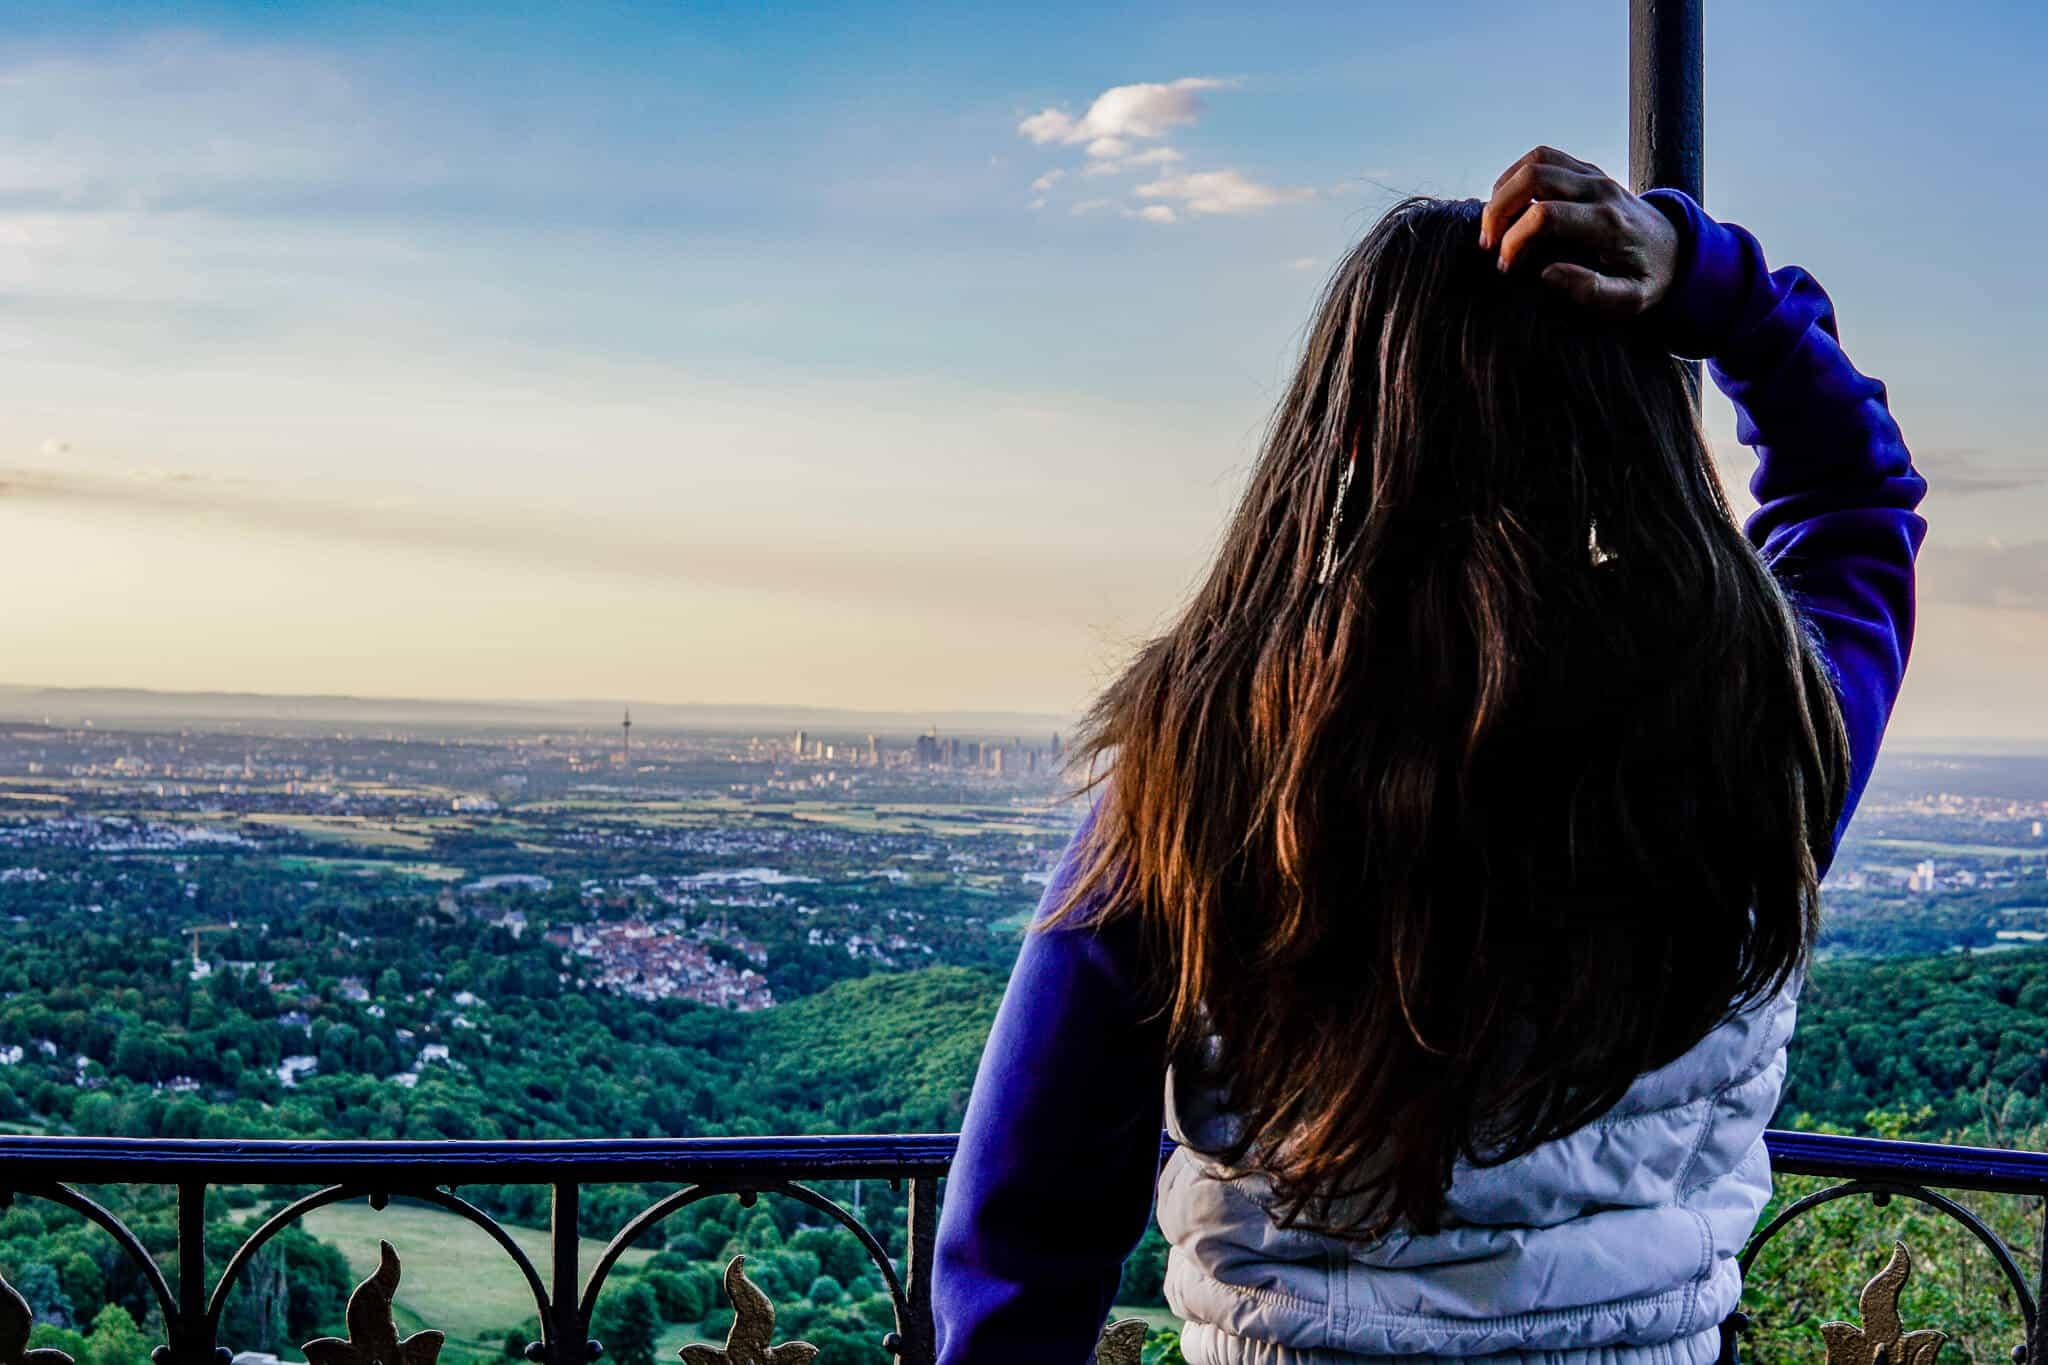 Barbara mit Skyline im Hintergrund